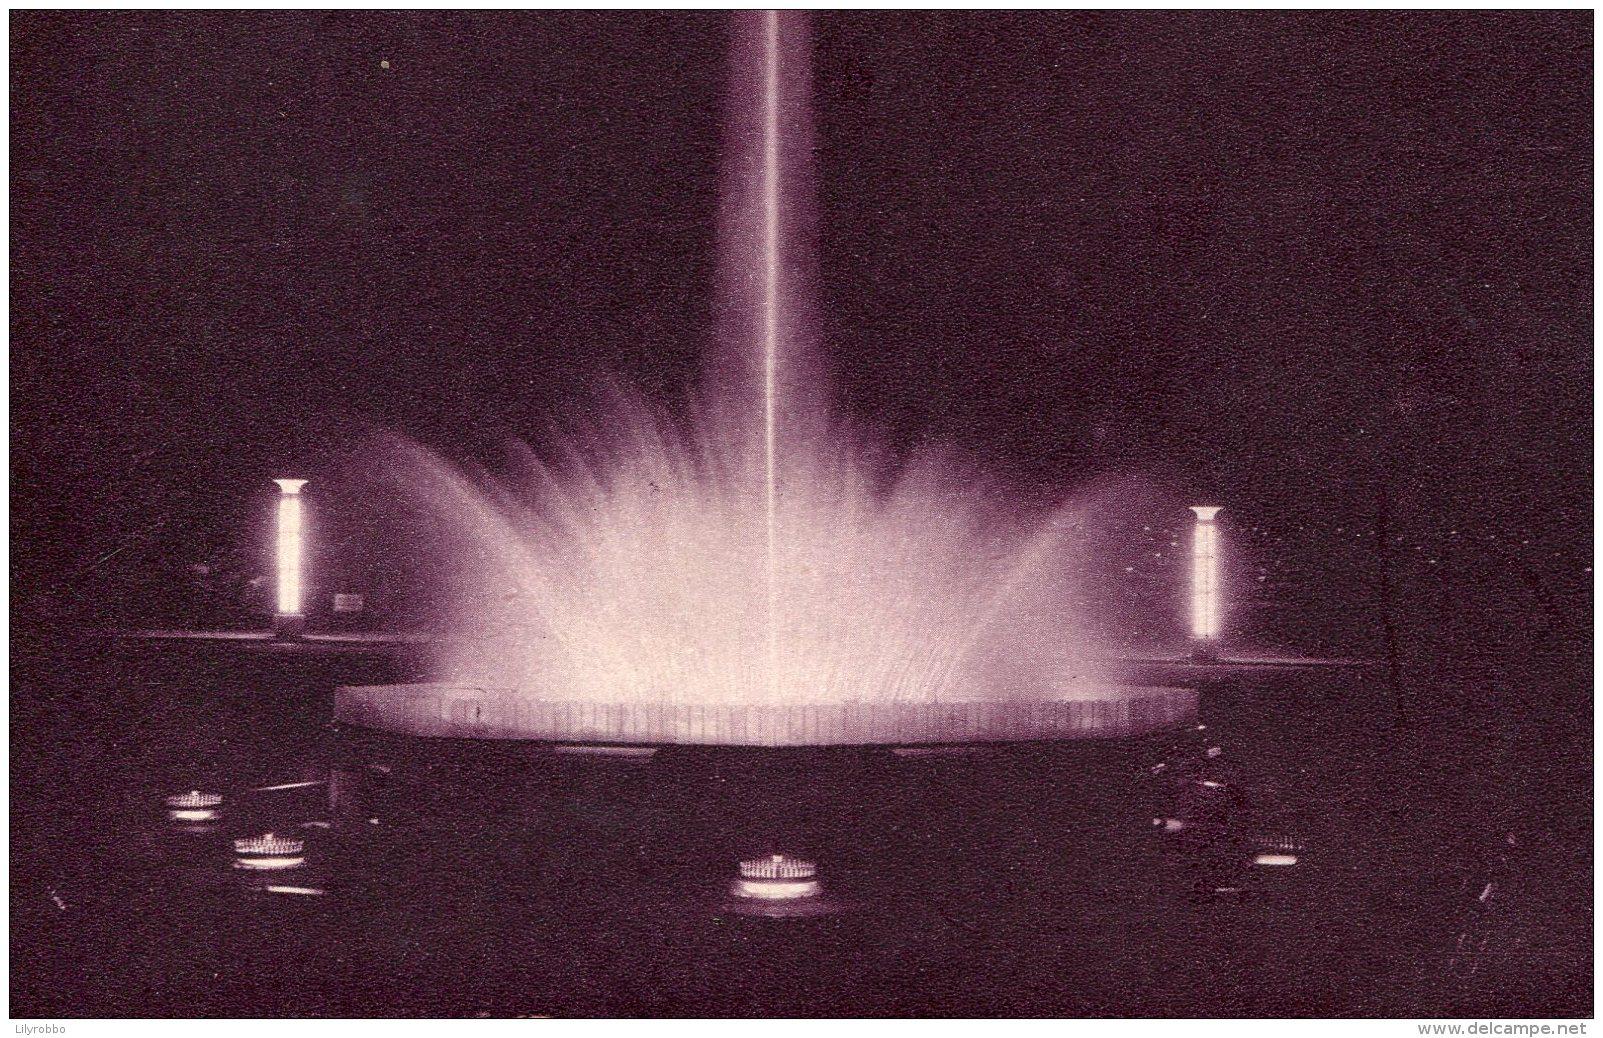 BELGIUM - Official Card De L'Exposition De Bruxelles 1935 - Jeux D'eau Et Fonyaines Lumineuses (3) - Ausstellungen